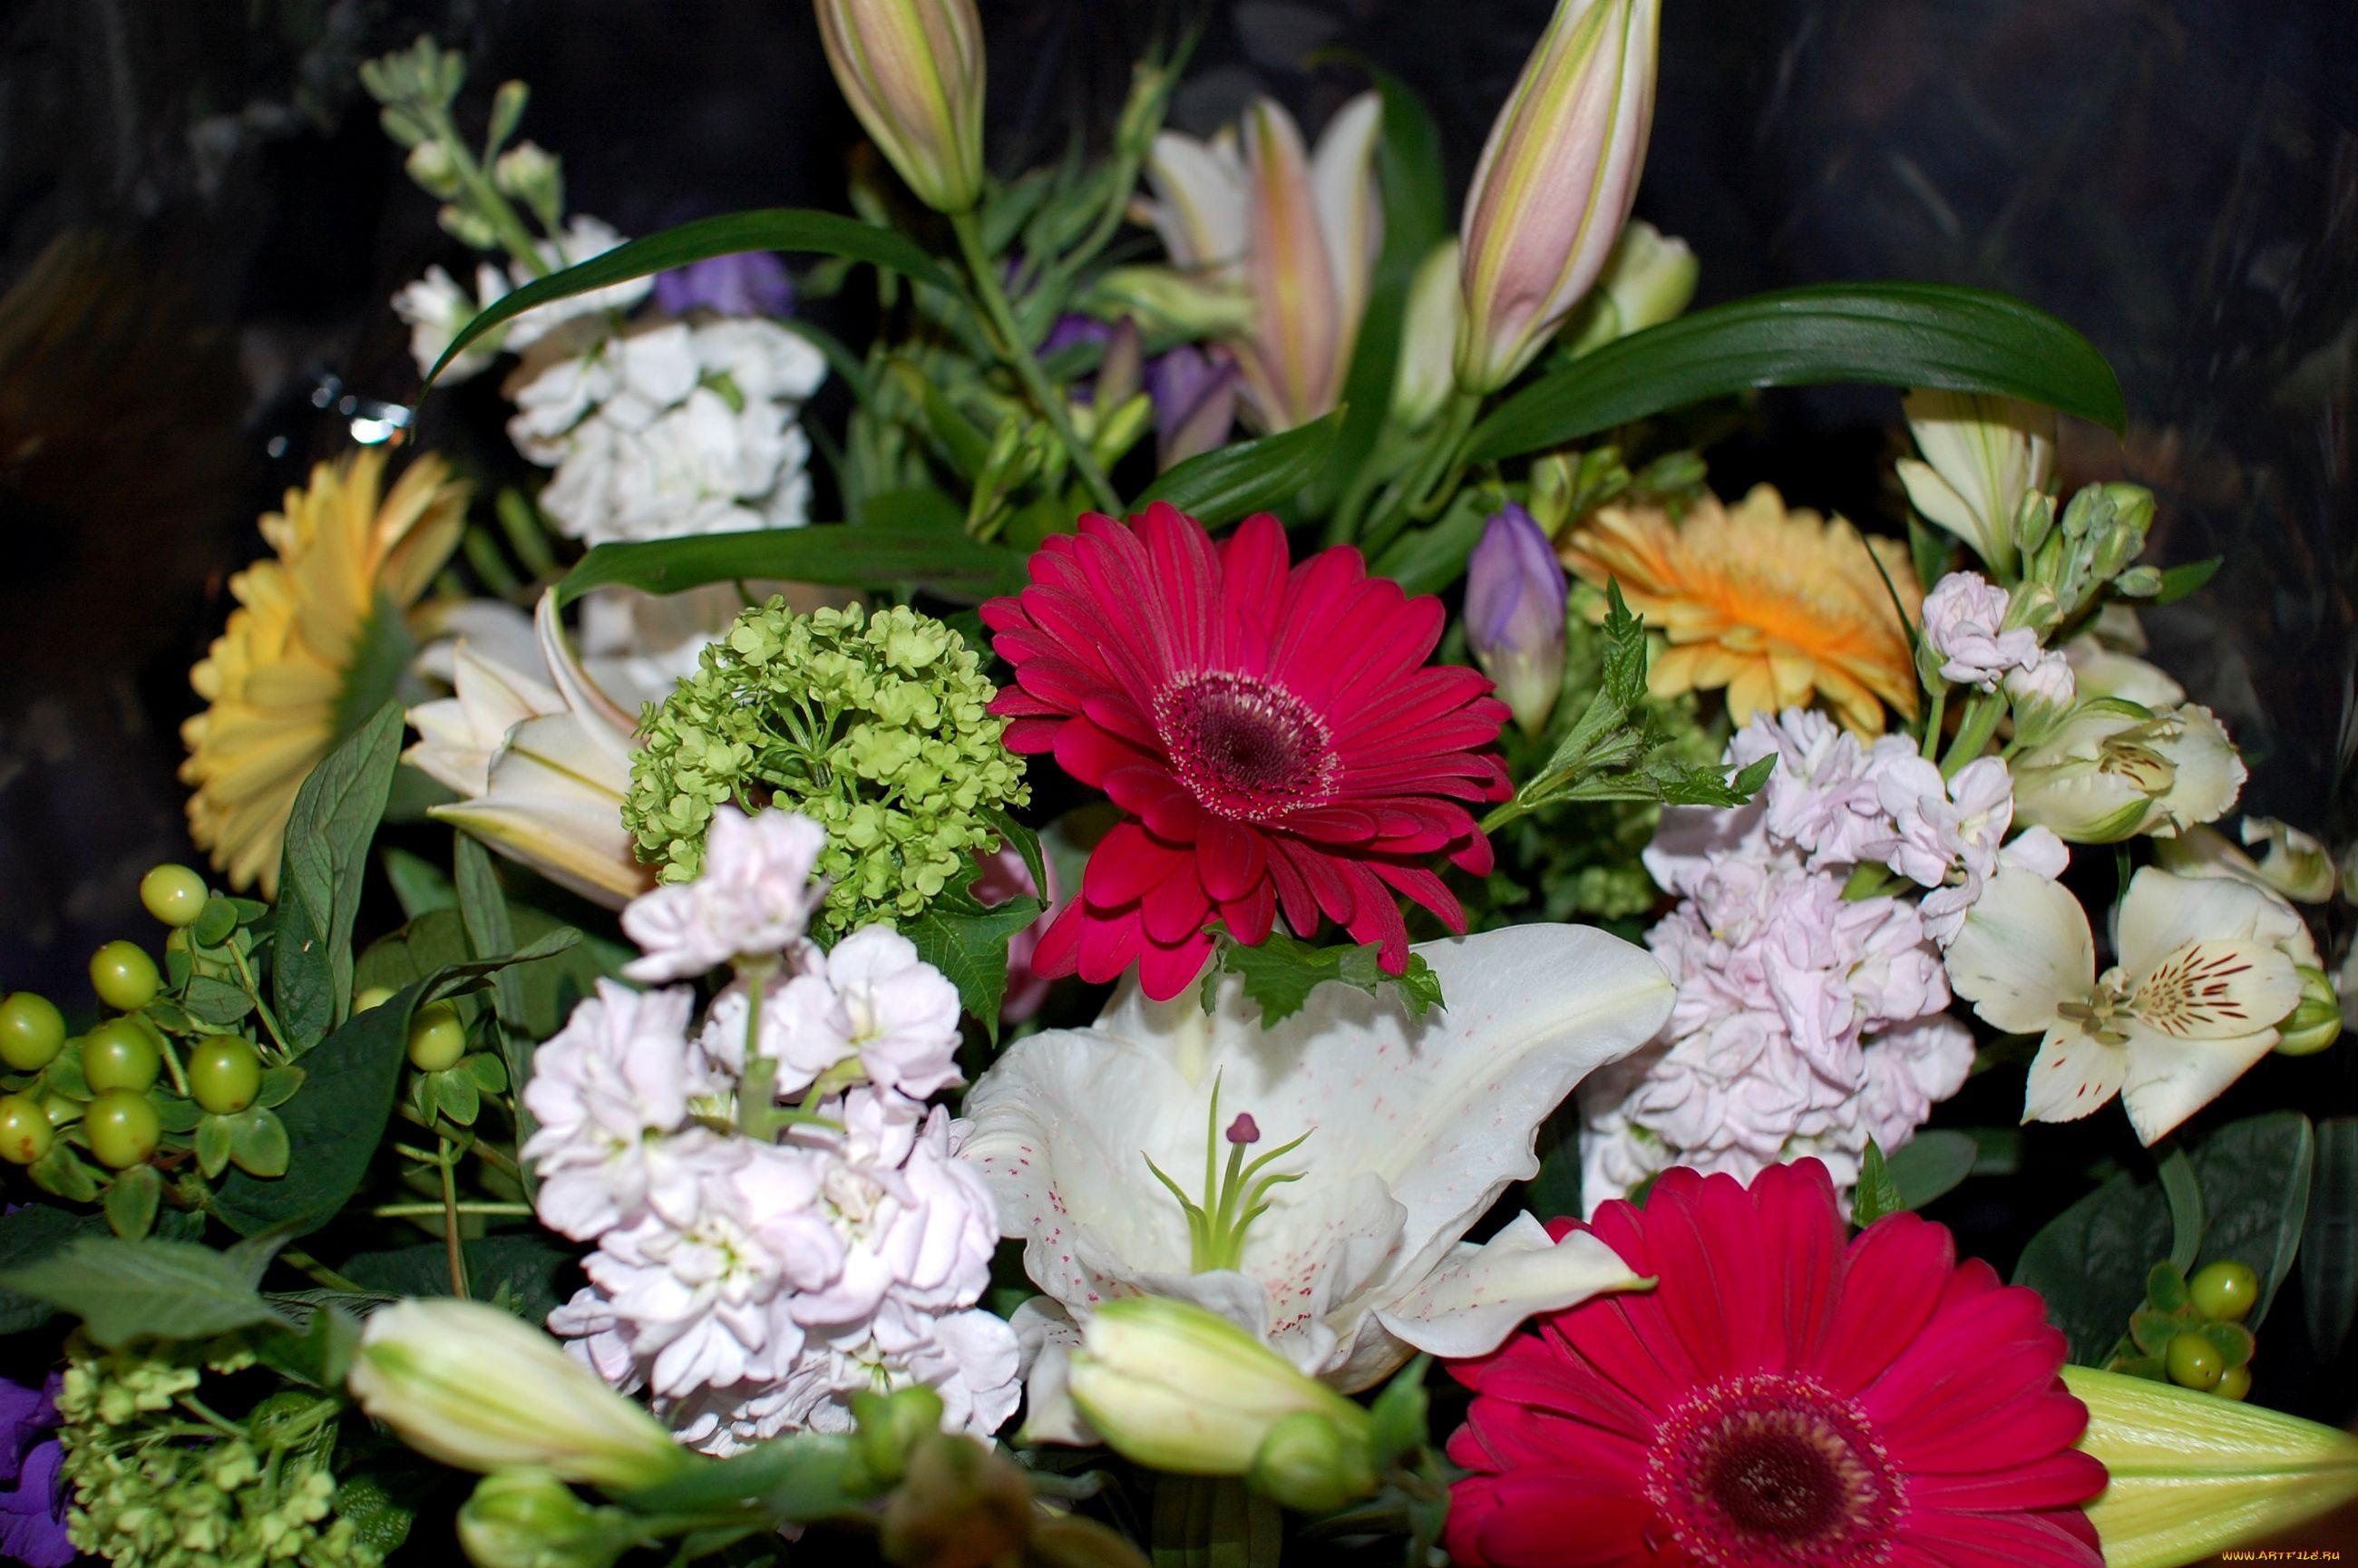 можете фото цветов на столе настоящие дать отпор хулиганам